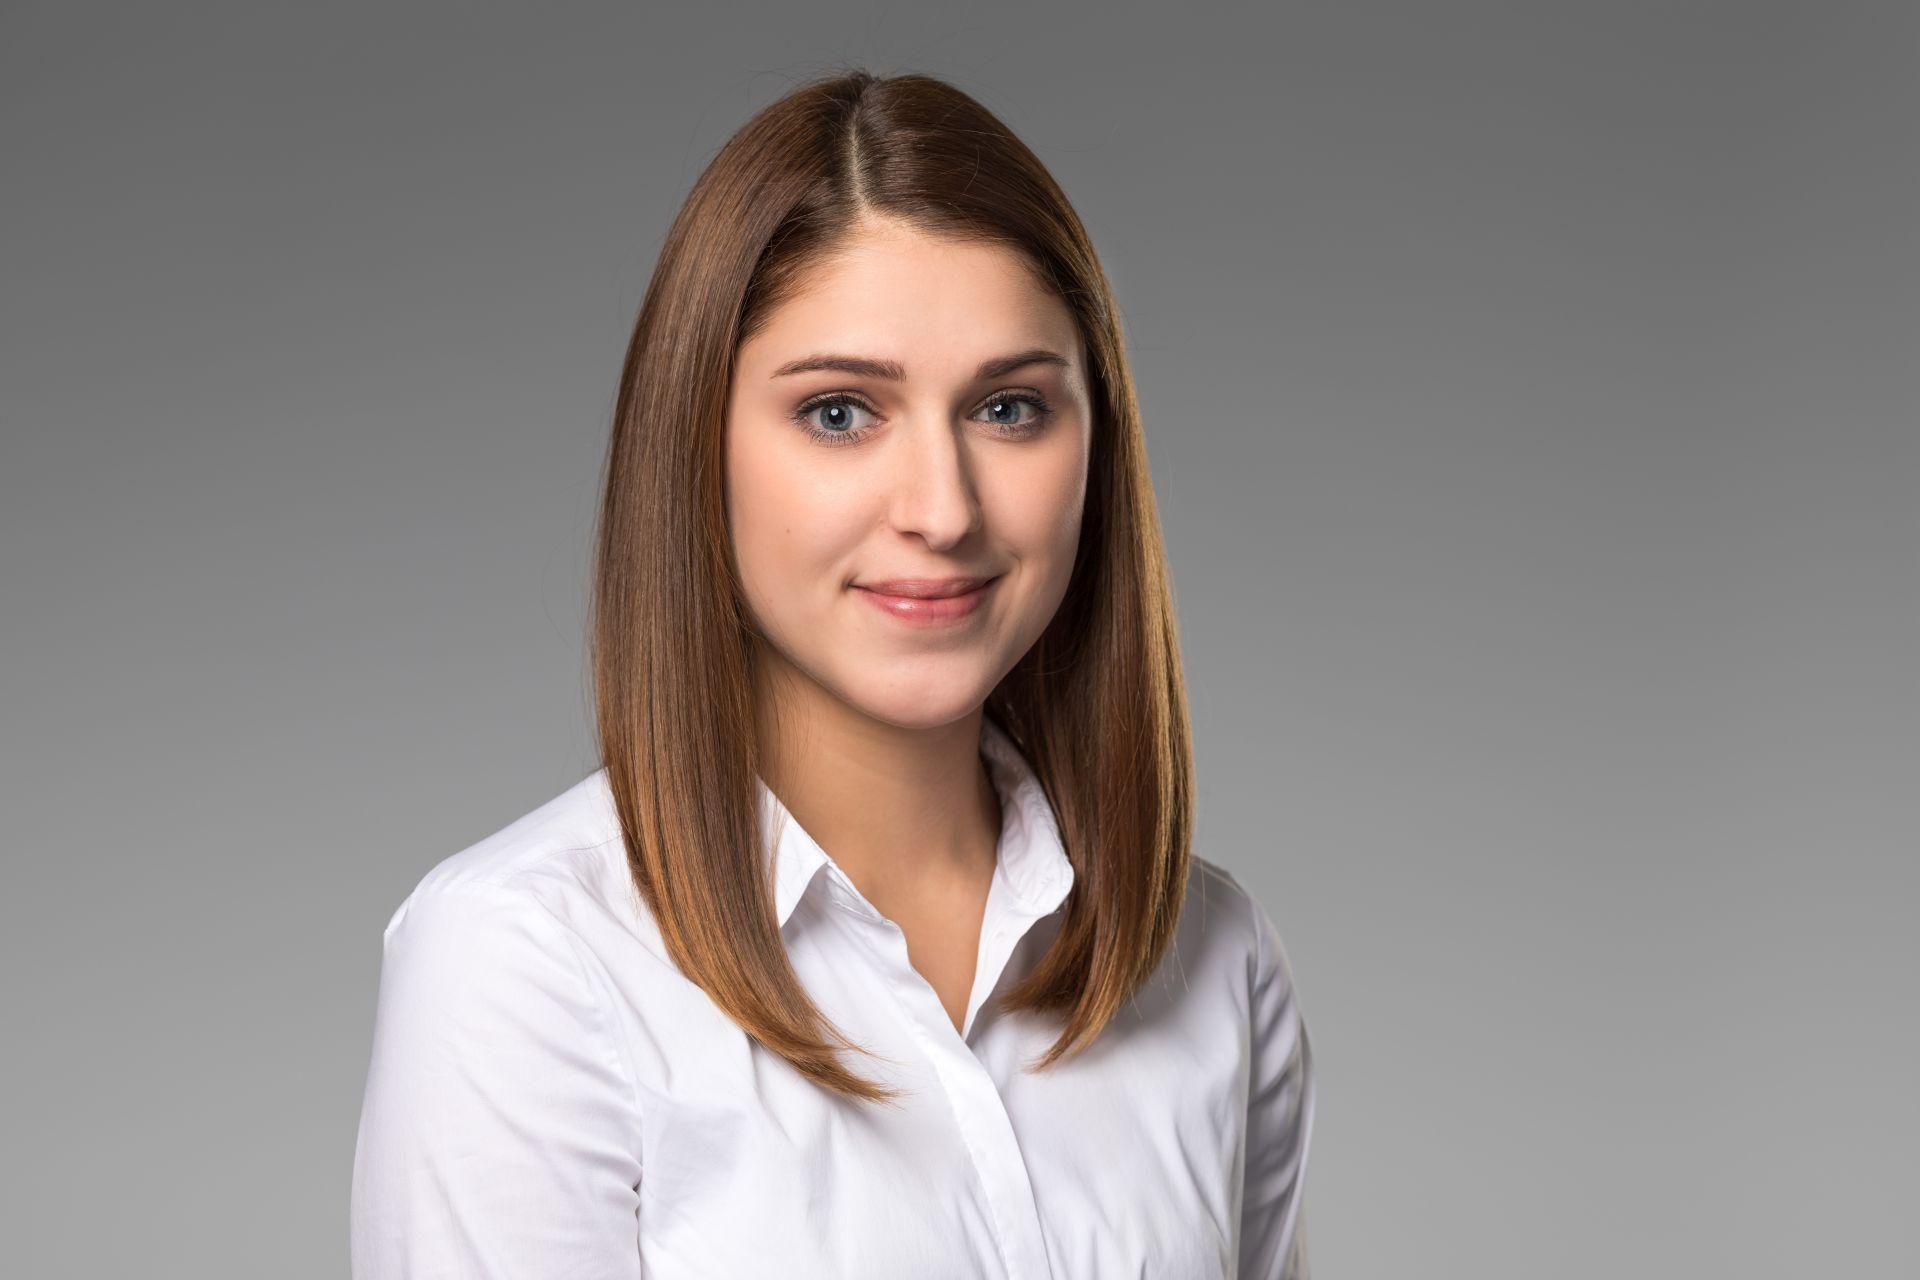 Karoline Krohmer